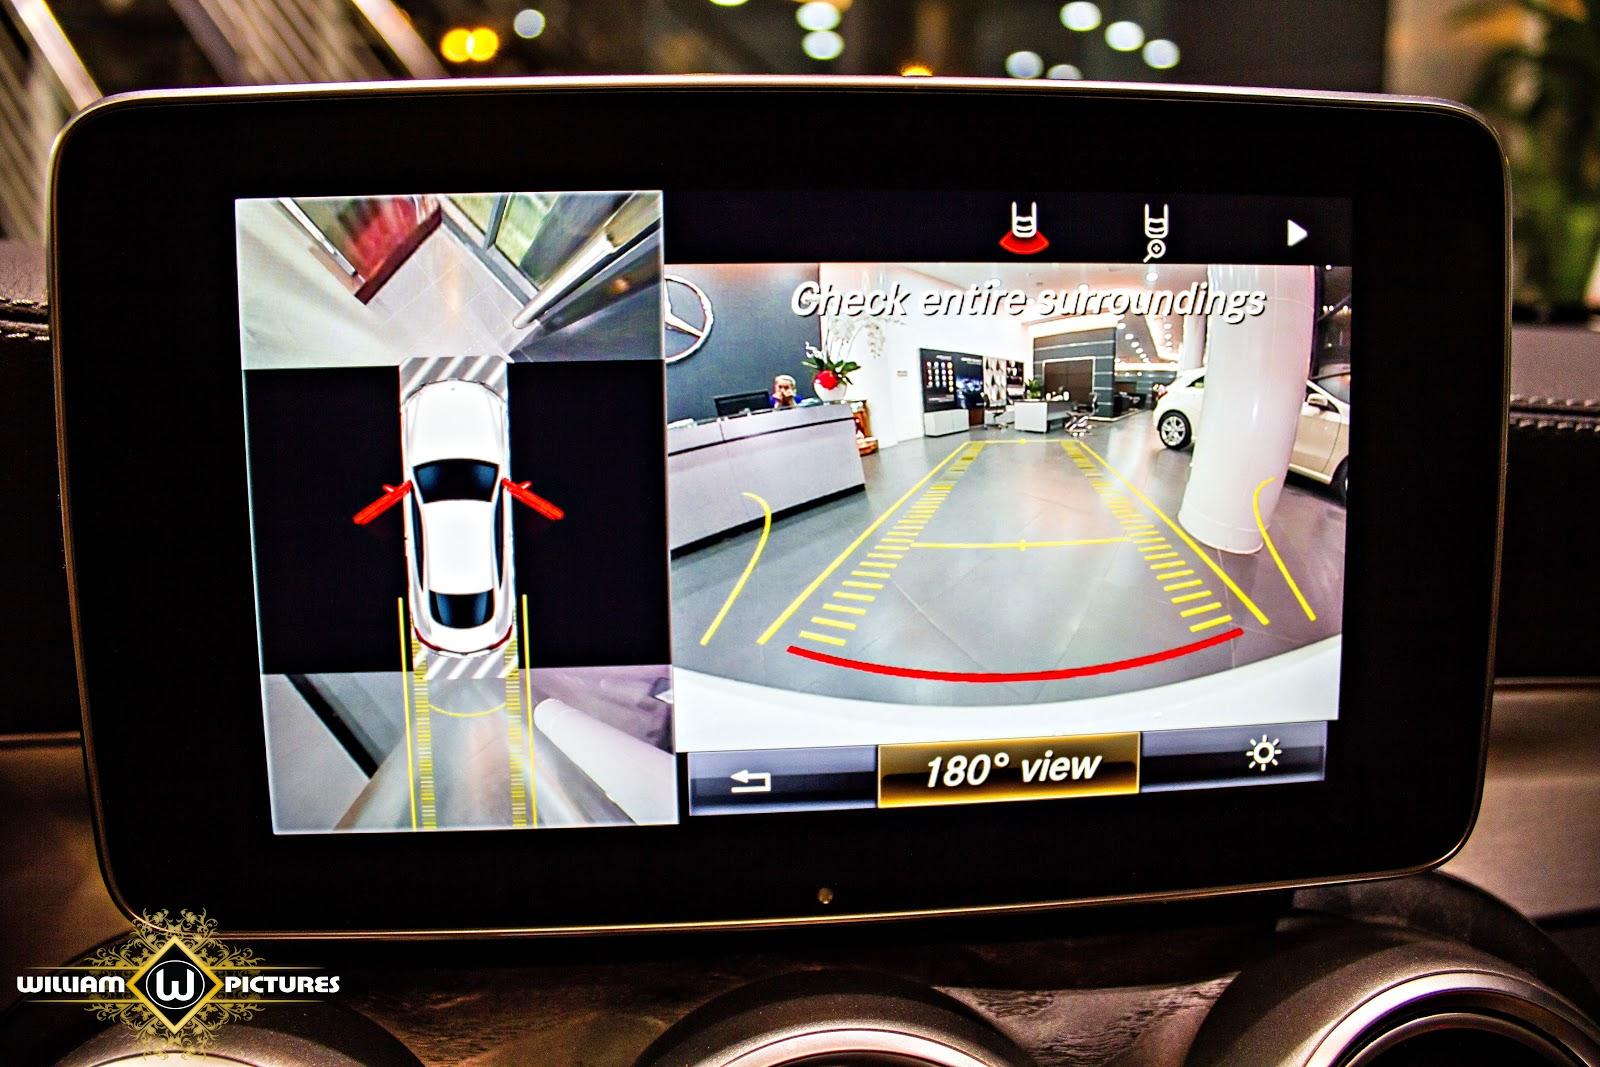 Cách tính năng như camera 360, hỗ trợ lái, hỗ trợ giám sát điểm mù, hỗ trợ lùi...cùng nhiều tính năng nữa cũng được trang bị trên chiếc coupe này